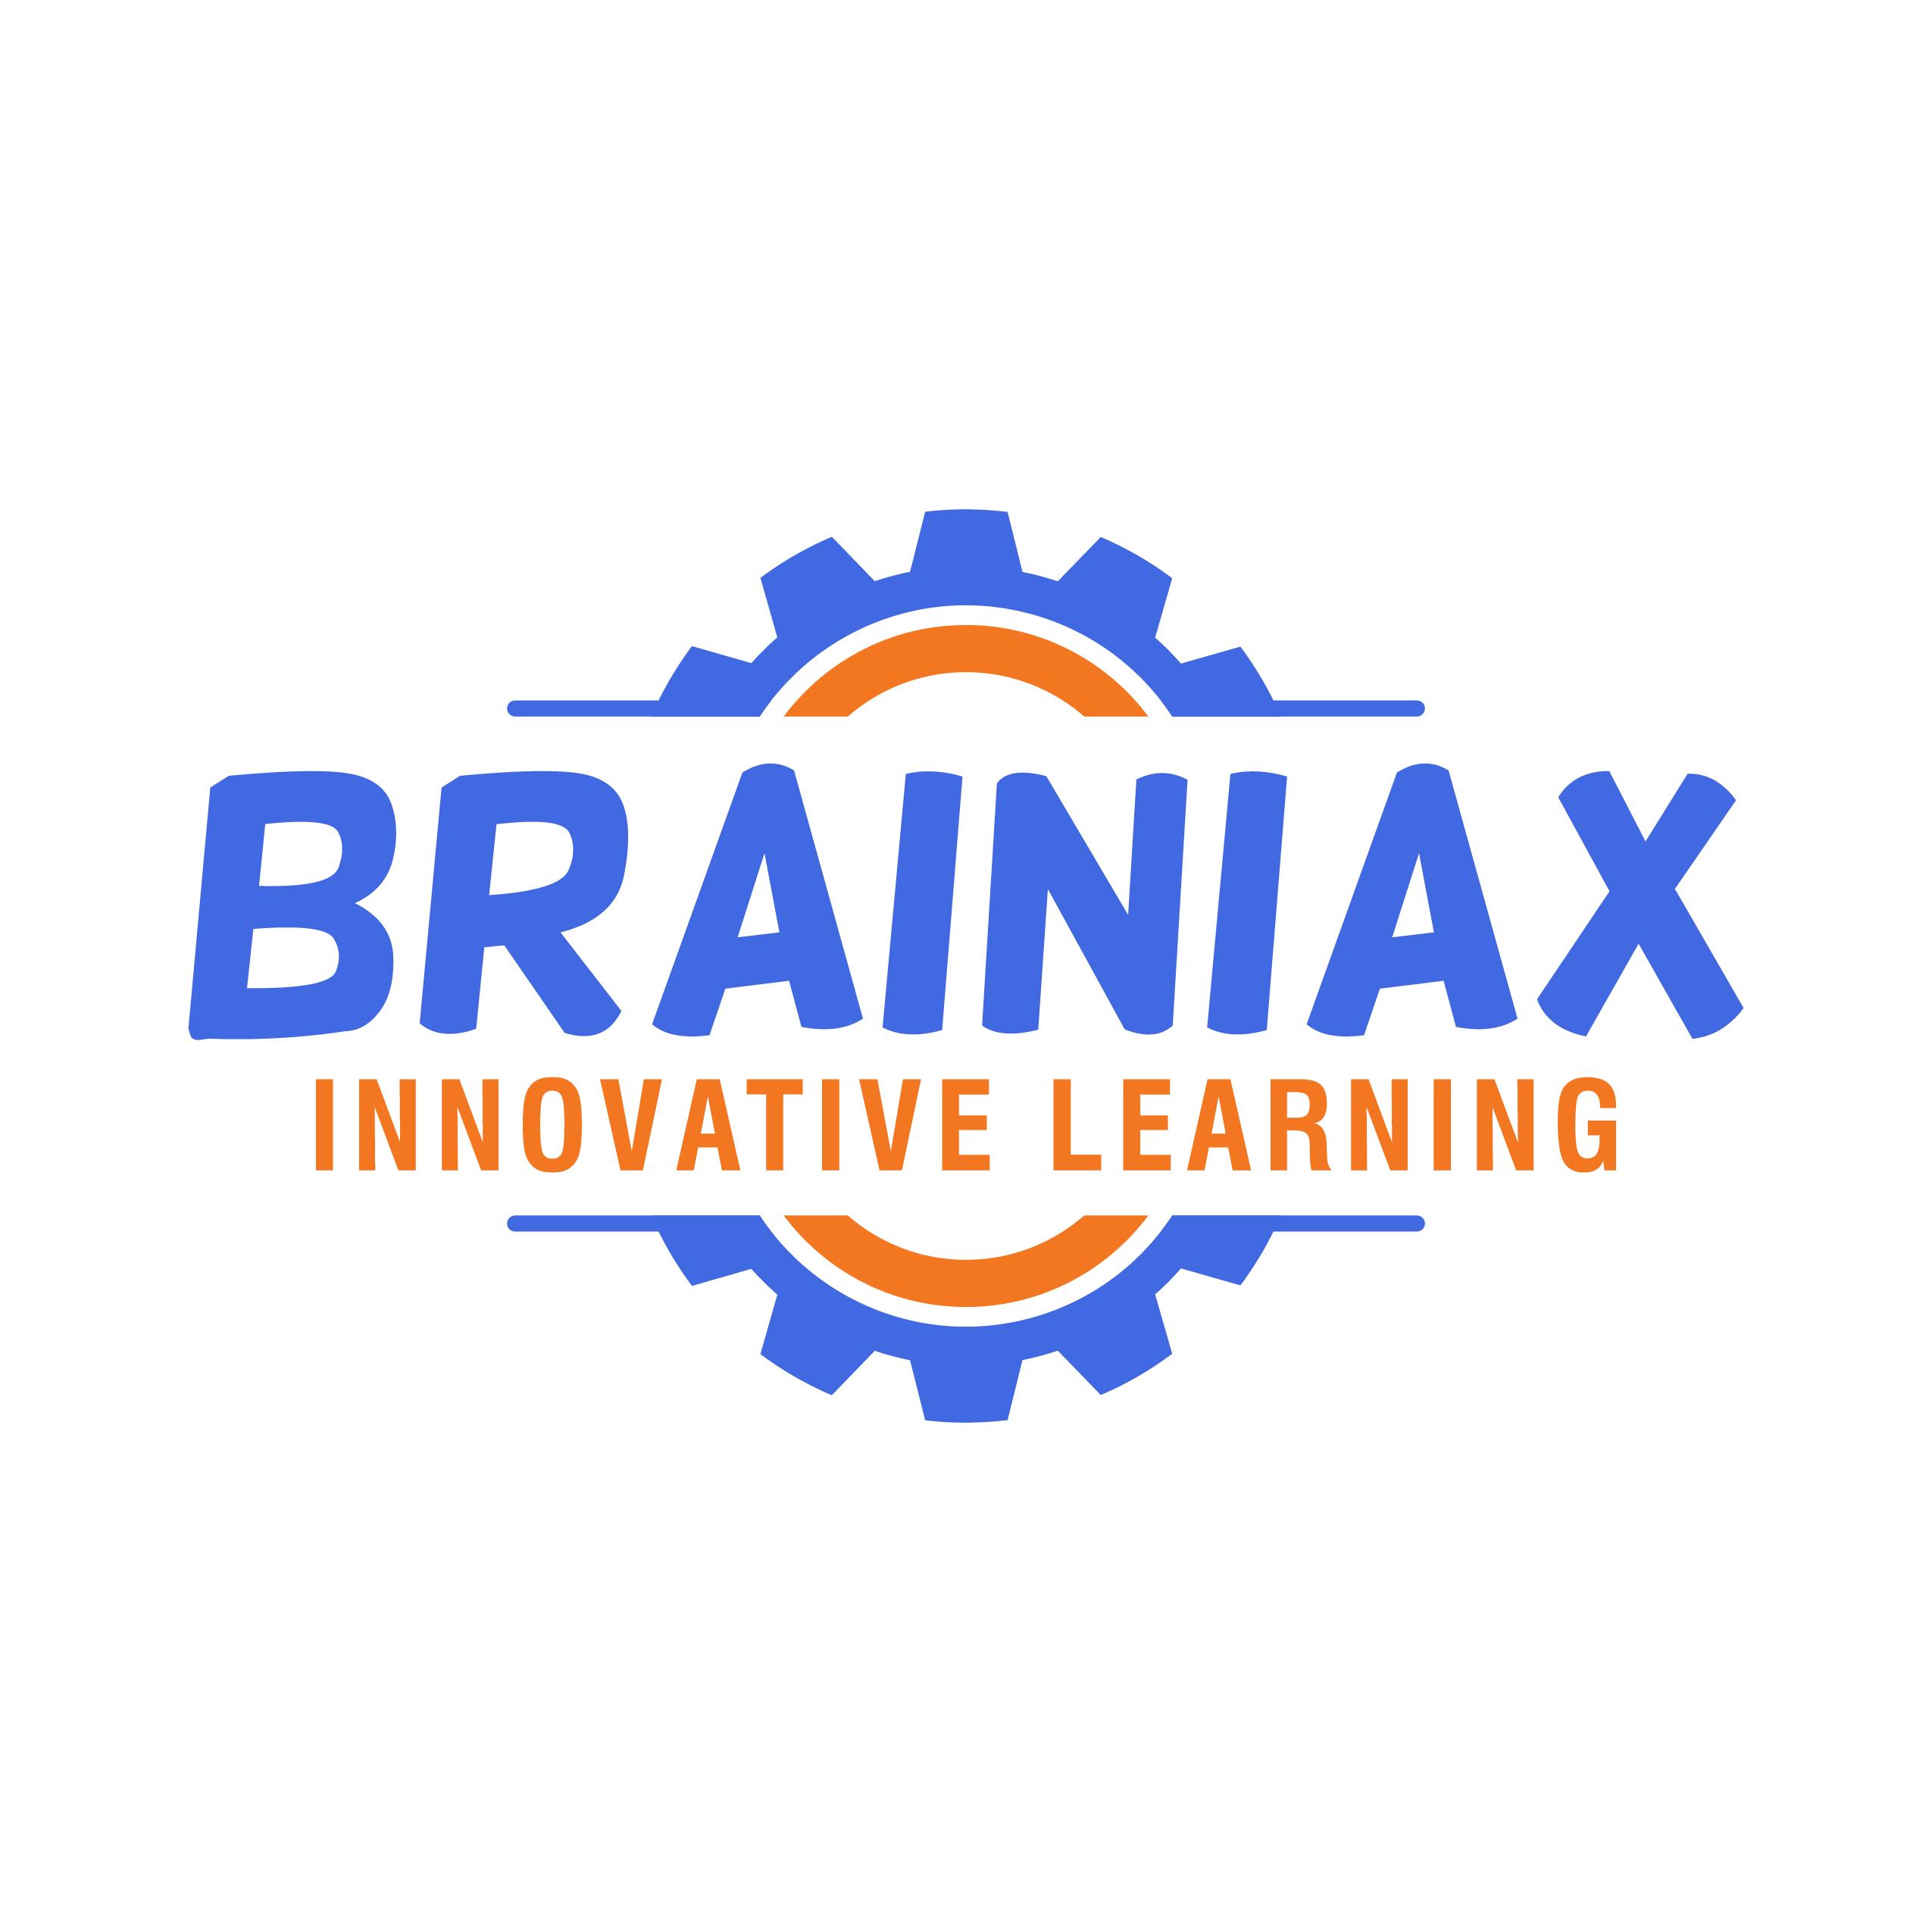 Brainiax Innovative Learning